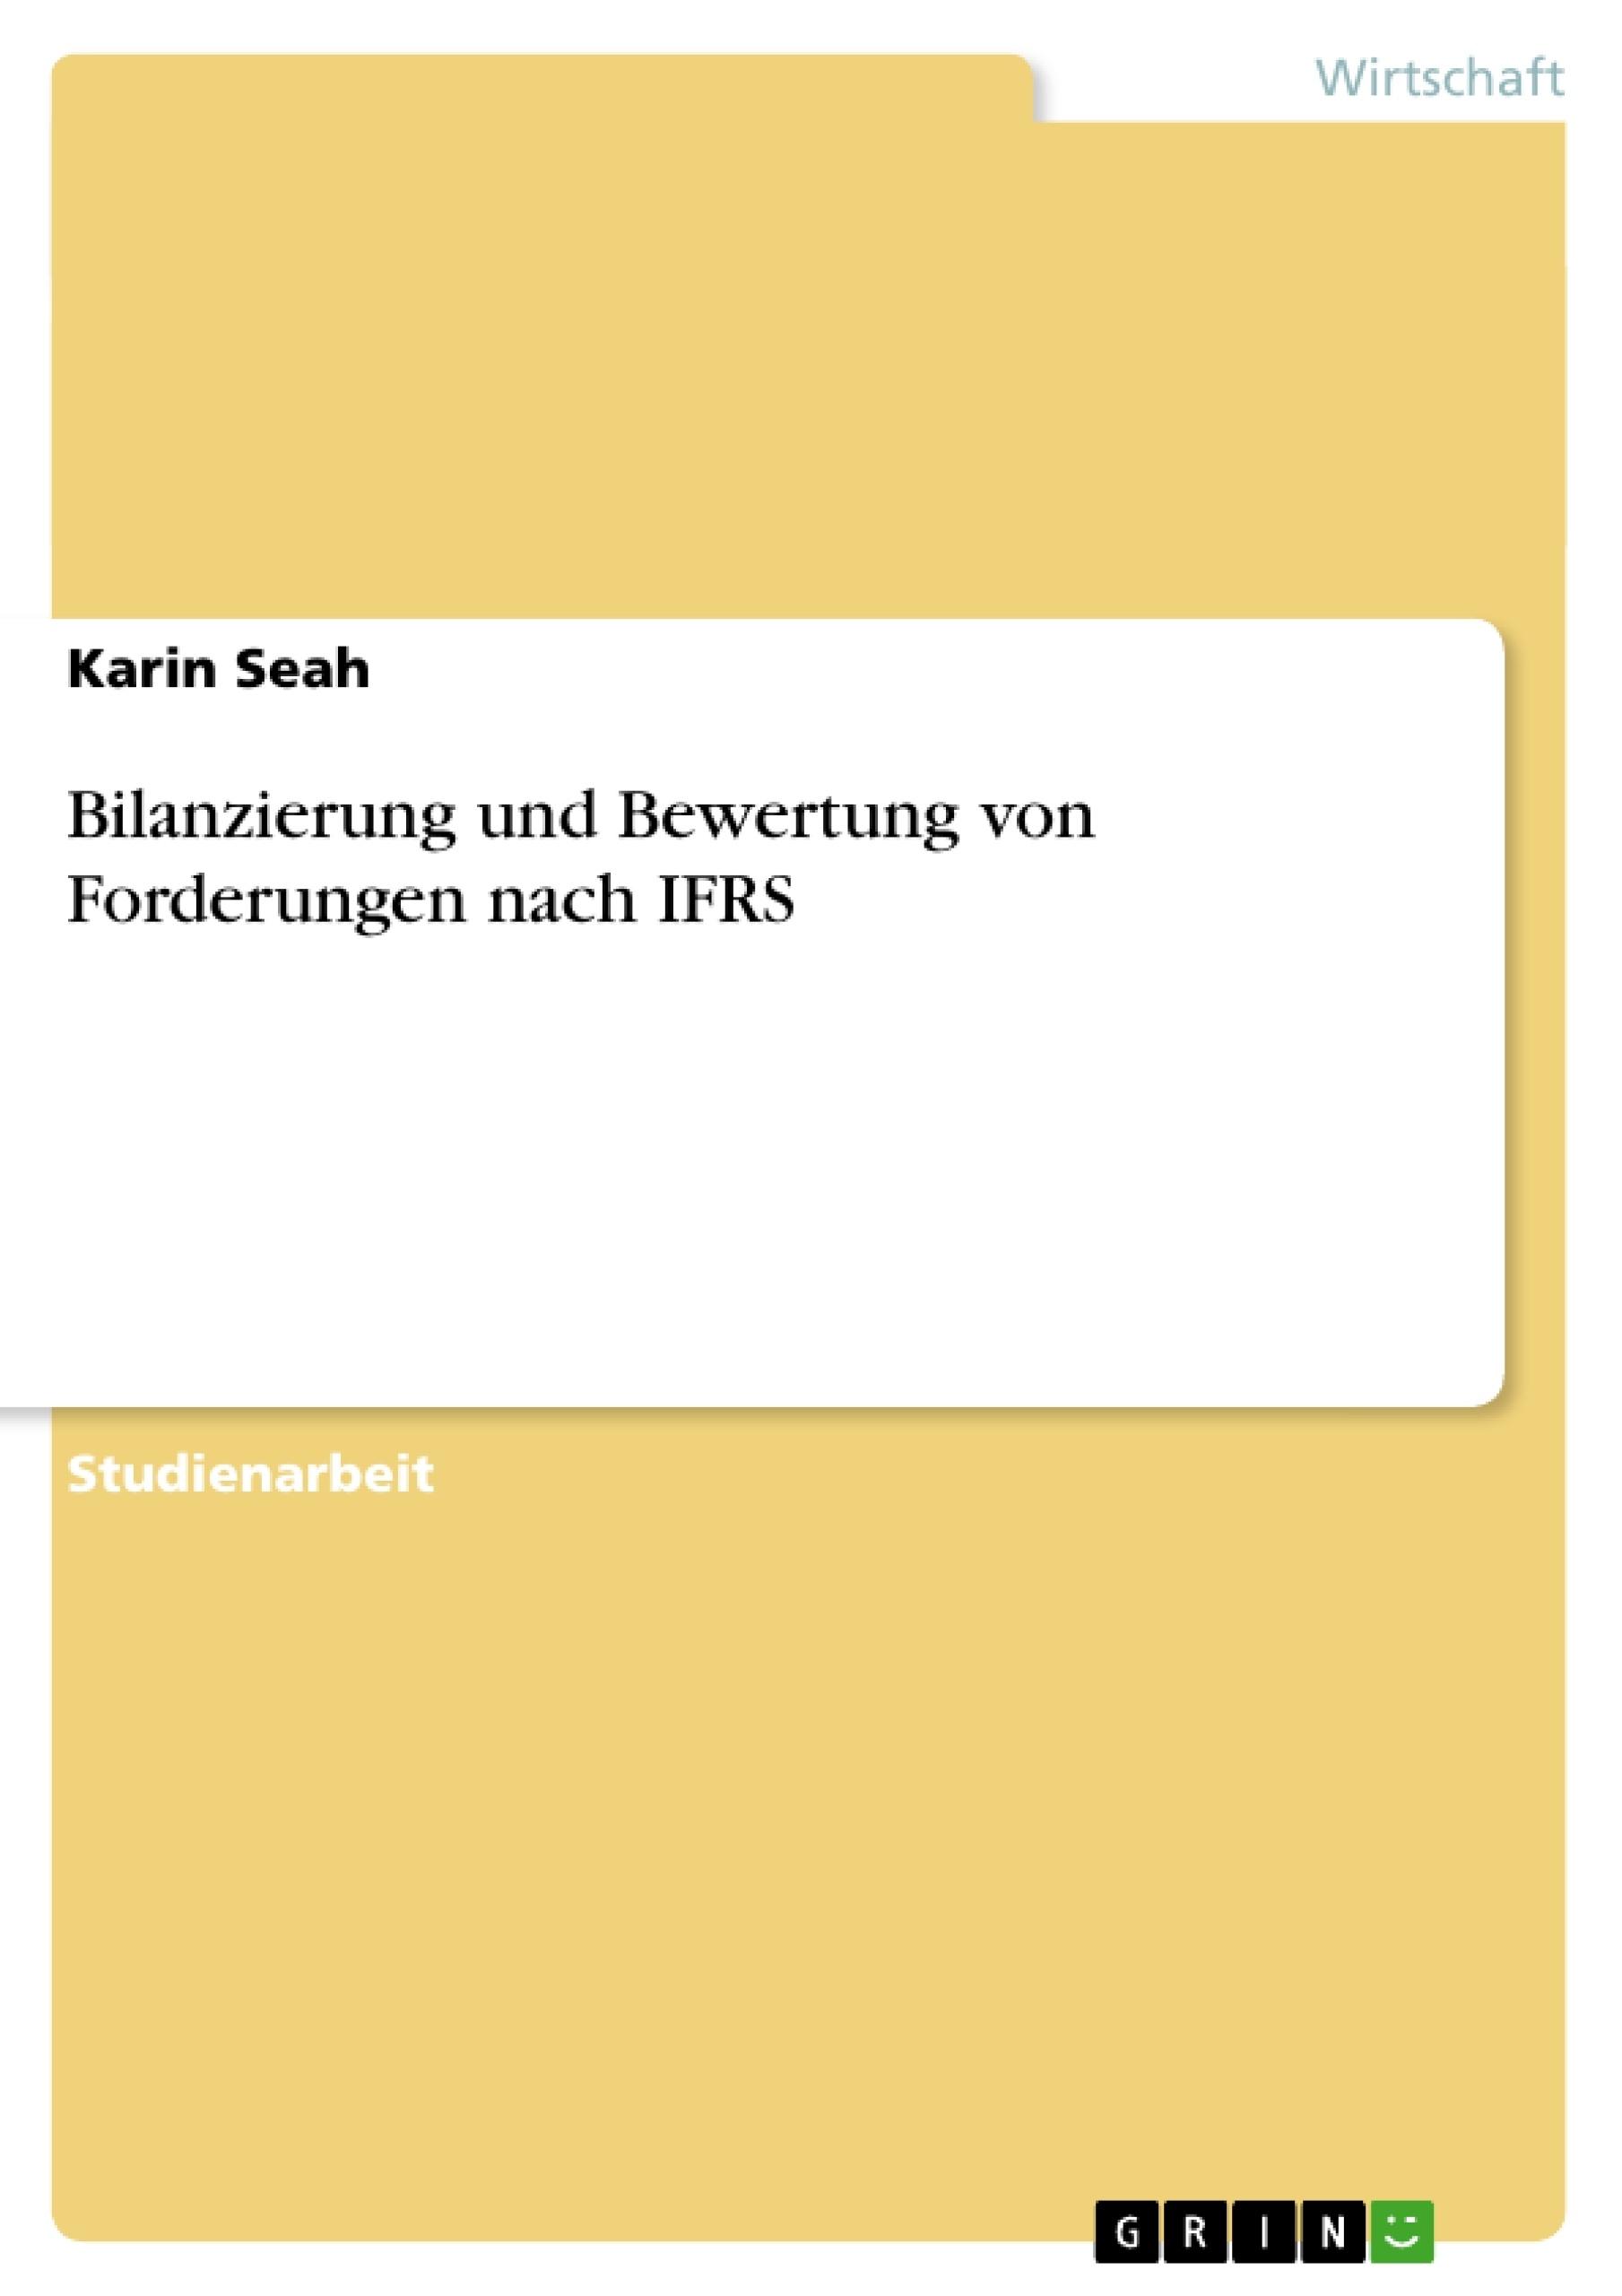 Titel: Bilanzierung und Bewertung von Forderungen nach IFRS